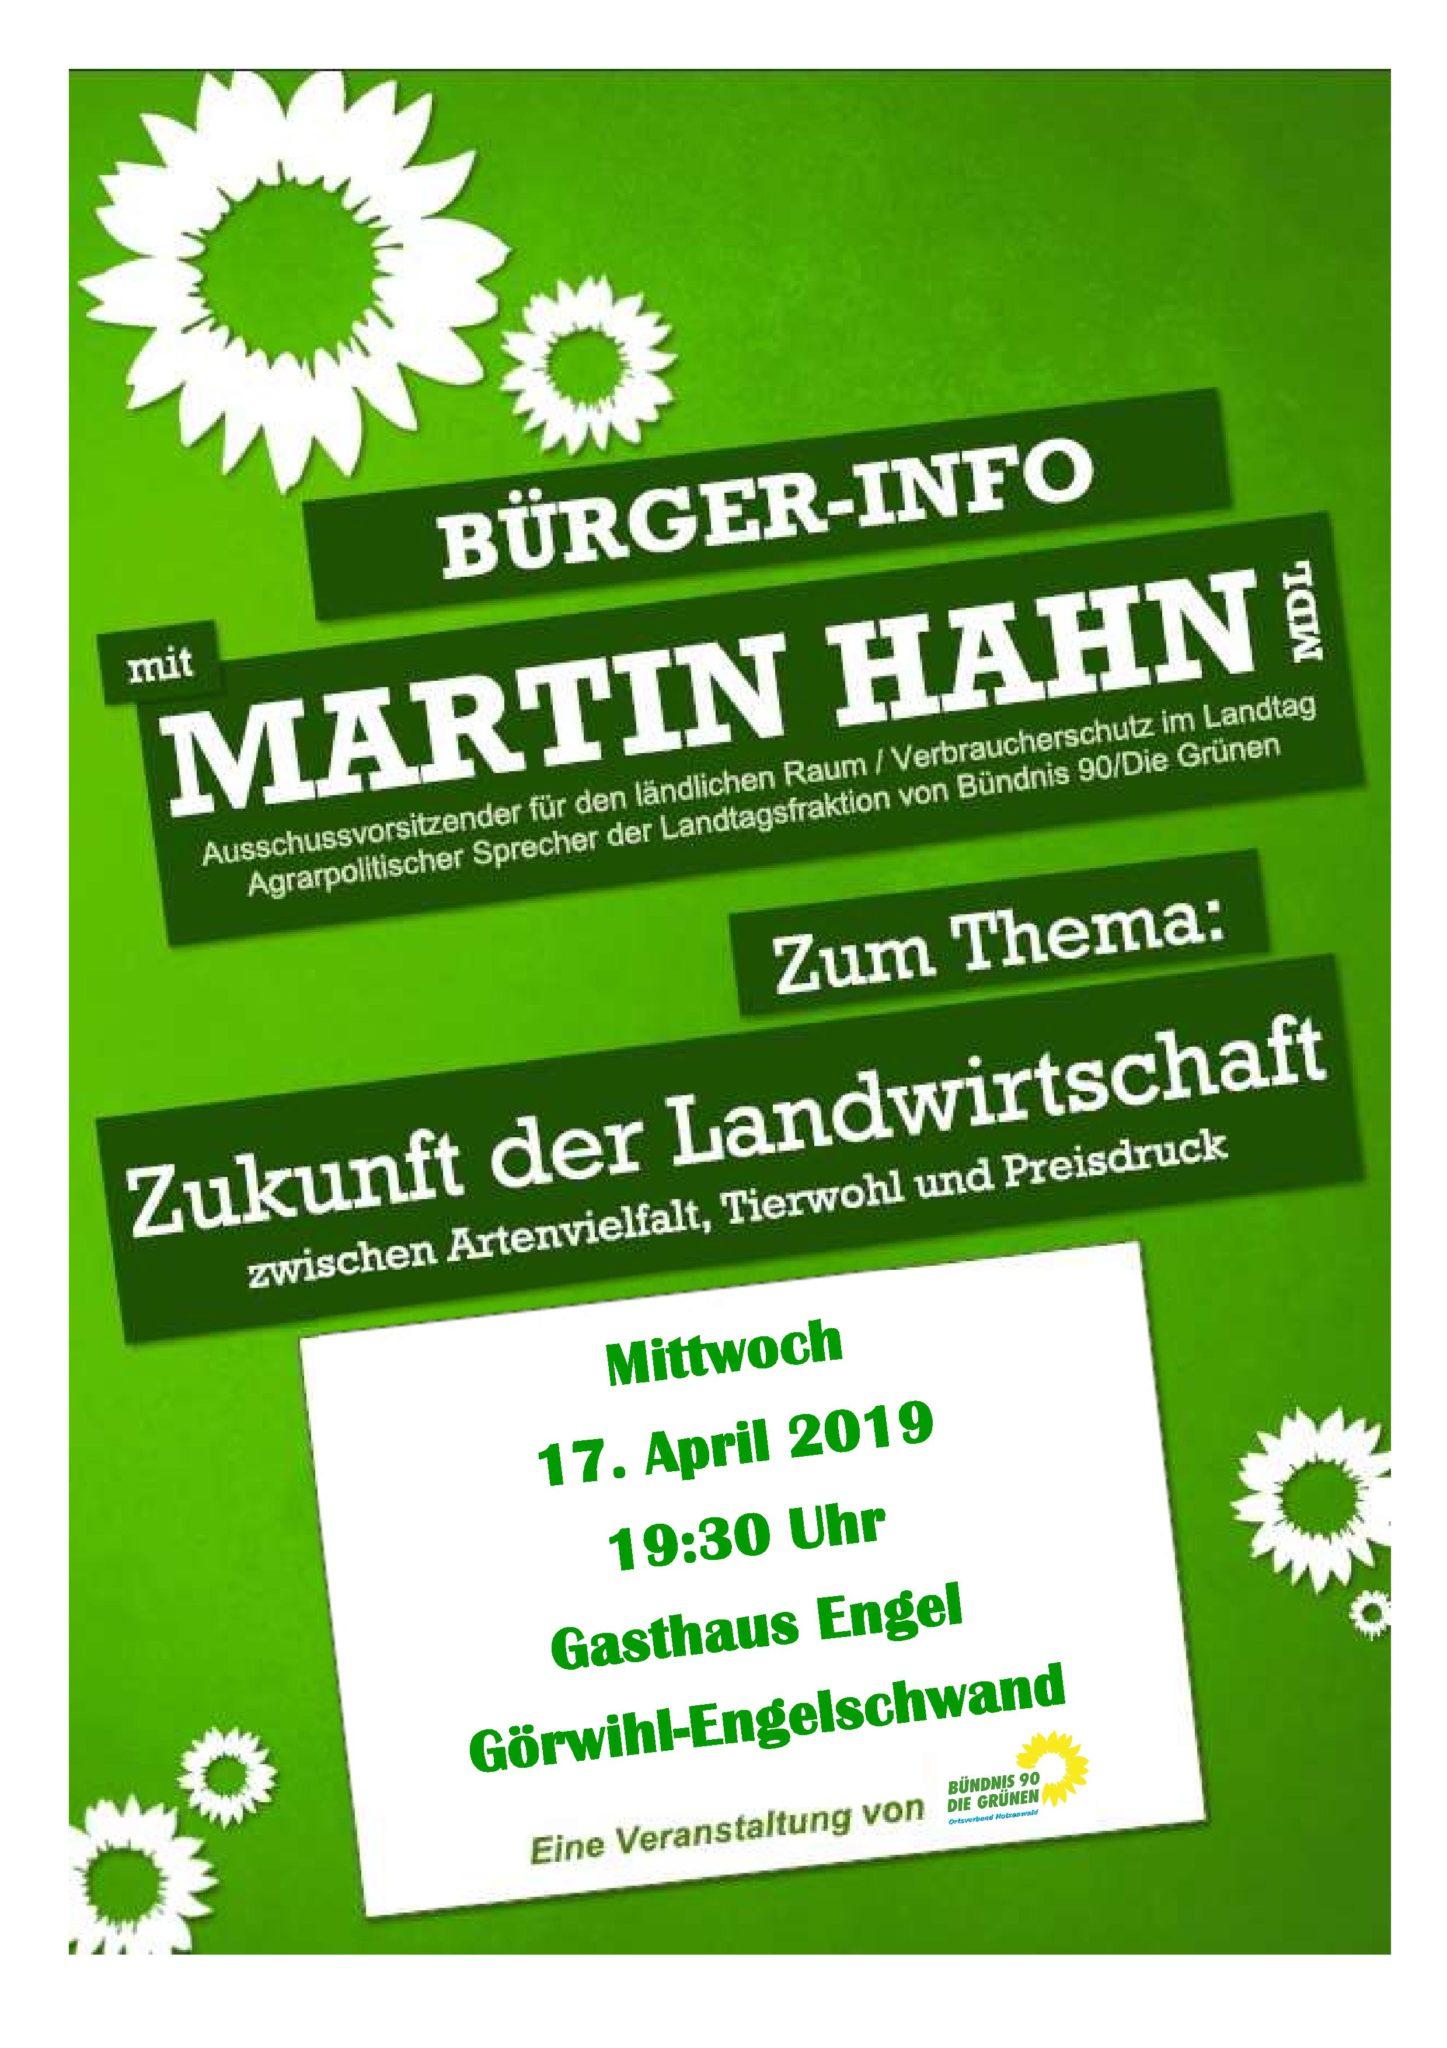 Bürger-Information mit Martin Hahn am 24. April 2019 um 20:00 Uhr Hohentengen/Lienheim